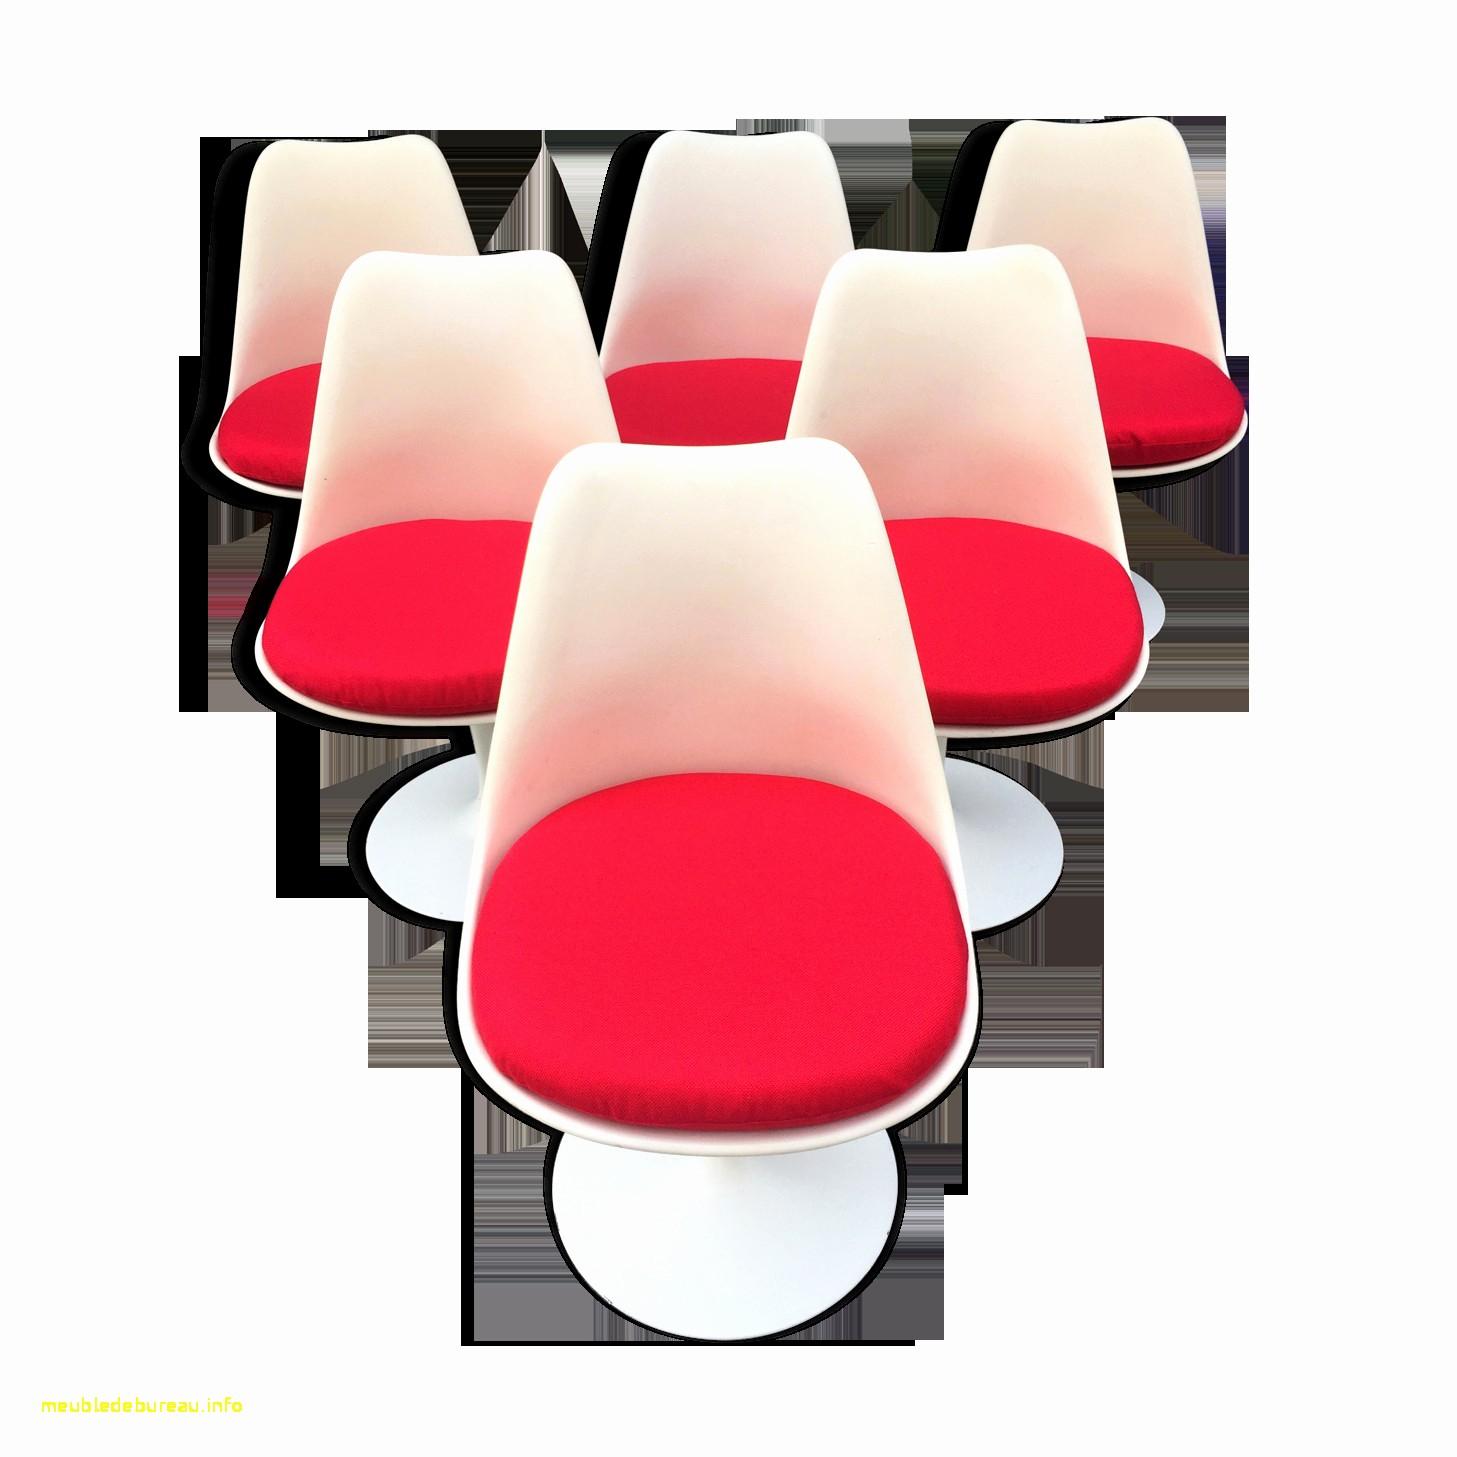 fauteuil oeuf ikea frais bureau interessant pas cher fauteuil oeuf ikea salon fresh fauteil 0d downeasybrewing of